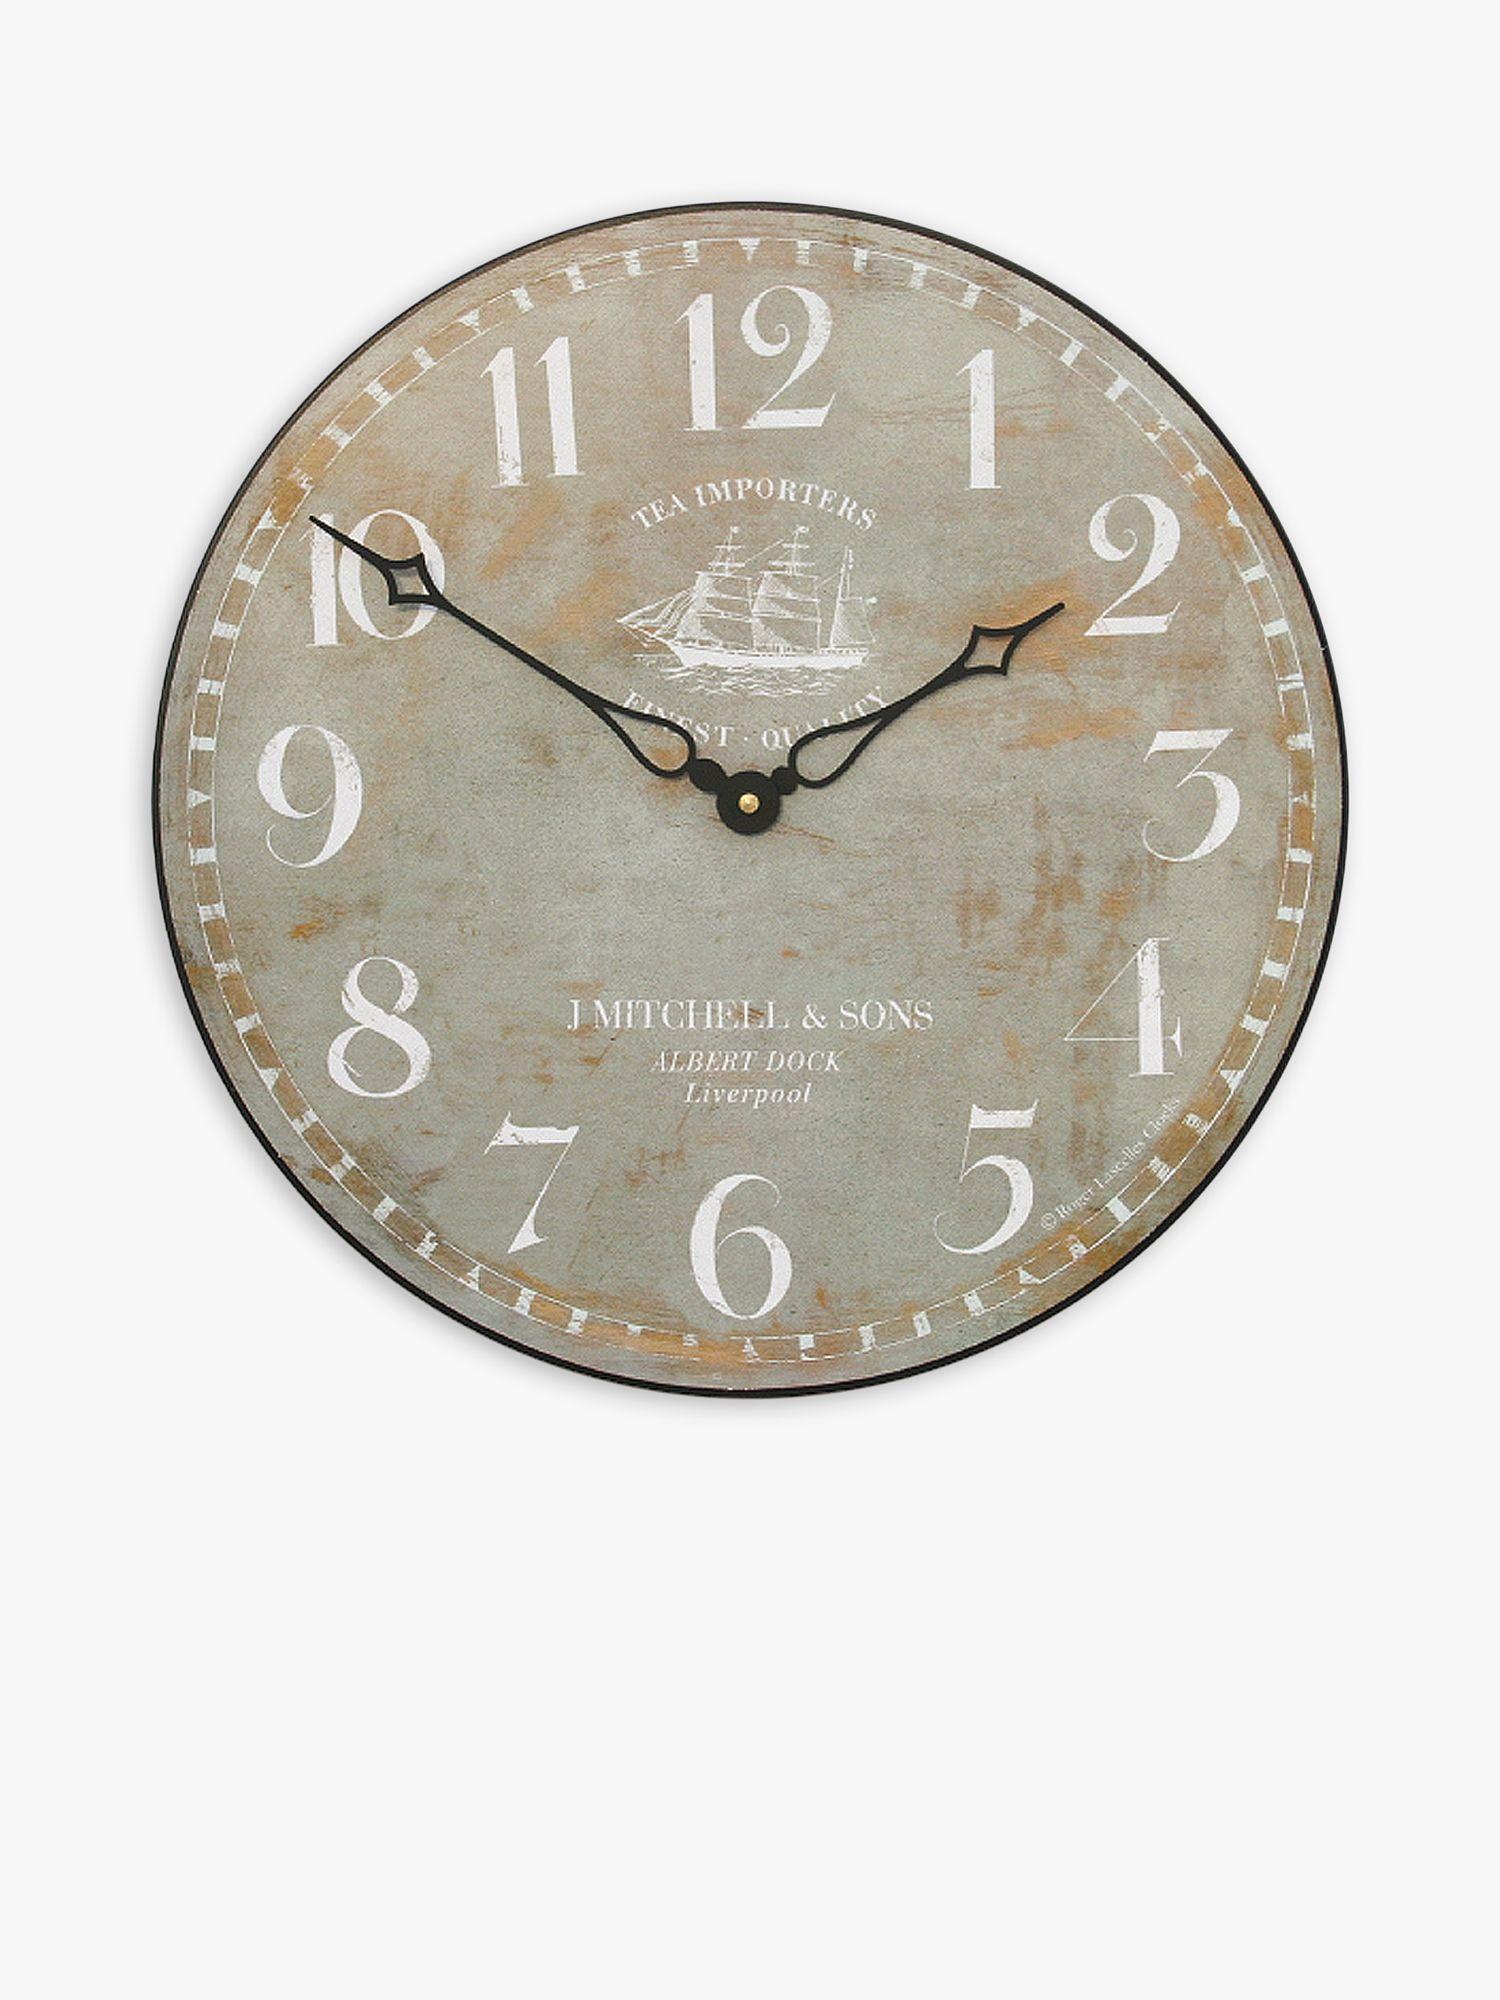 Lascelles Lascelles Tea Clipper Ship Wall Clock, Dia.36cm, Grey